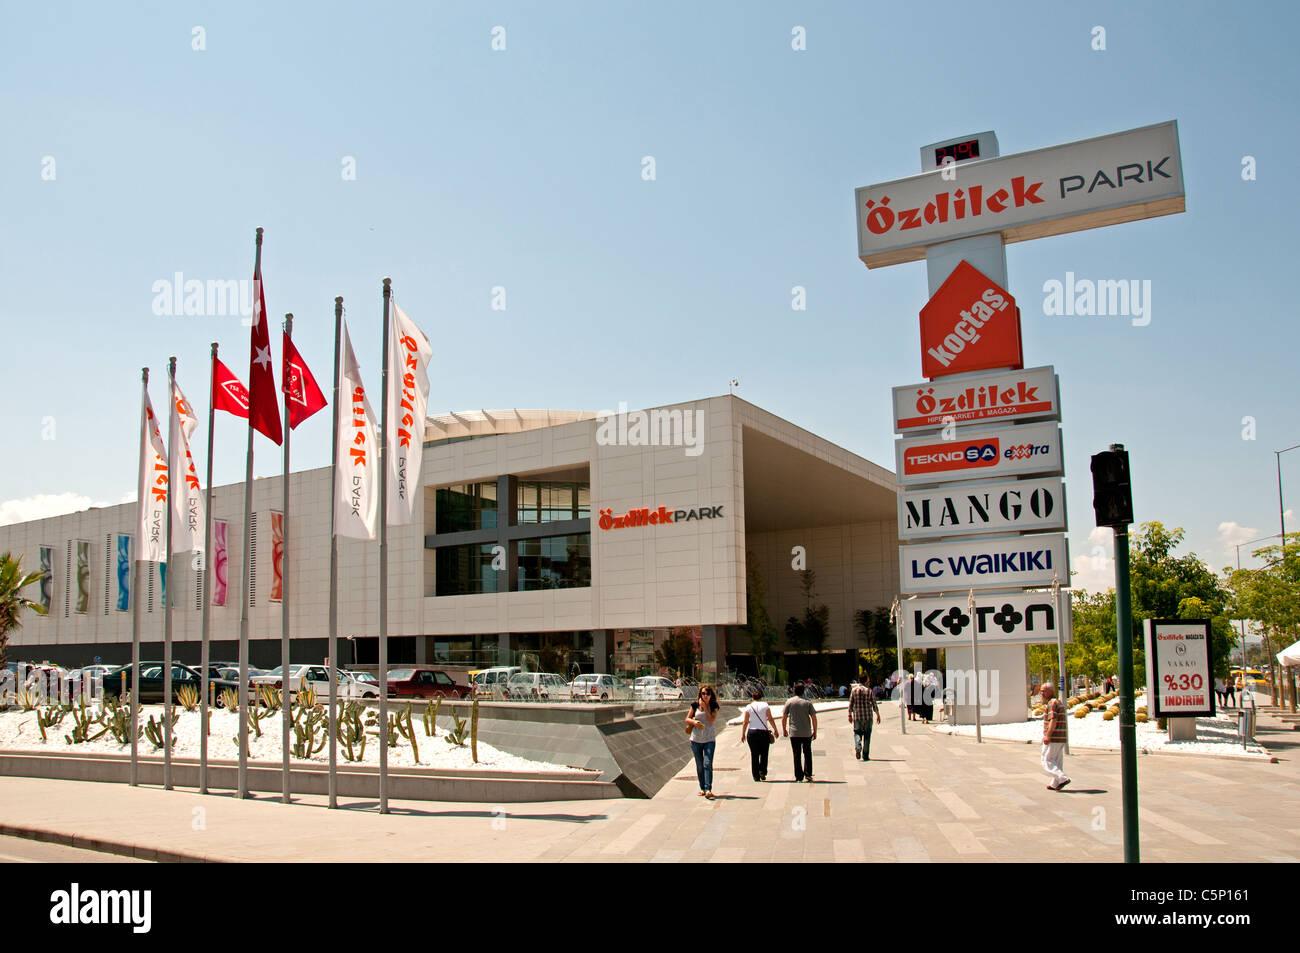 Modern Shopping mall Antalya Turkey Ozdilek Park Stock Photo: 37977913 - Alamy